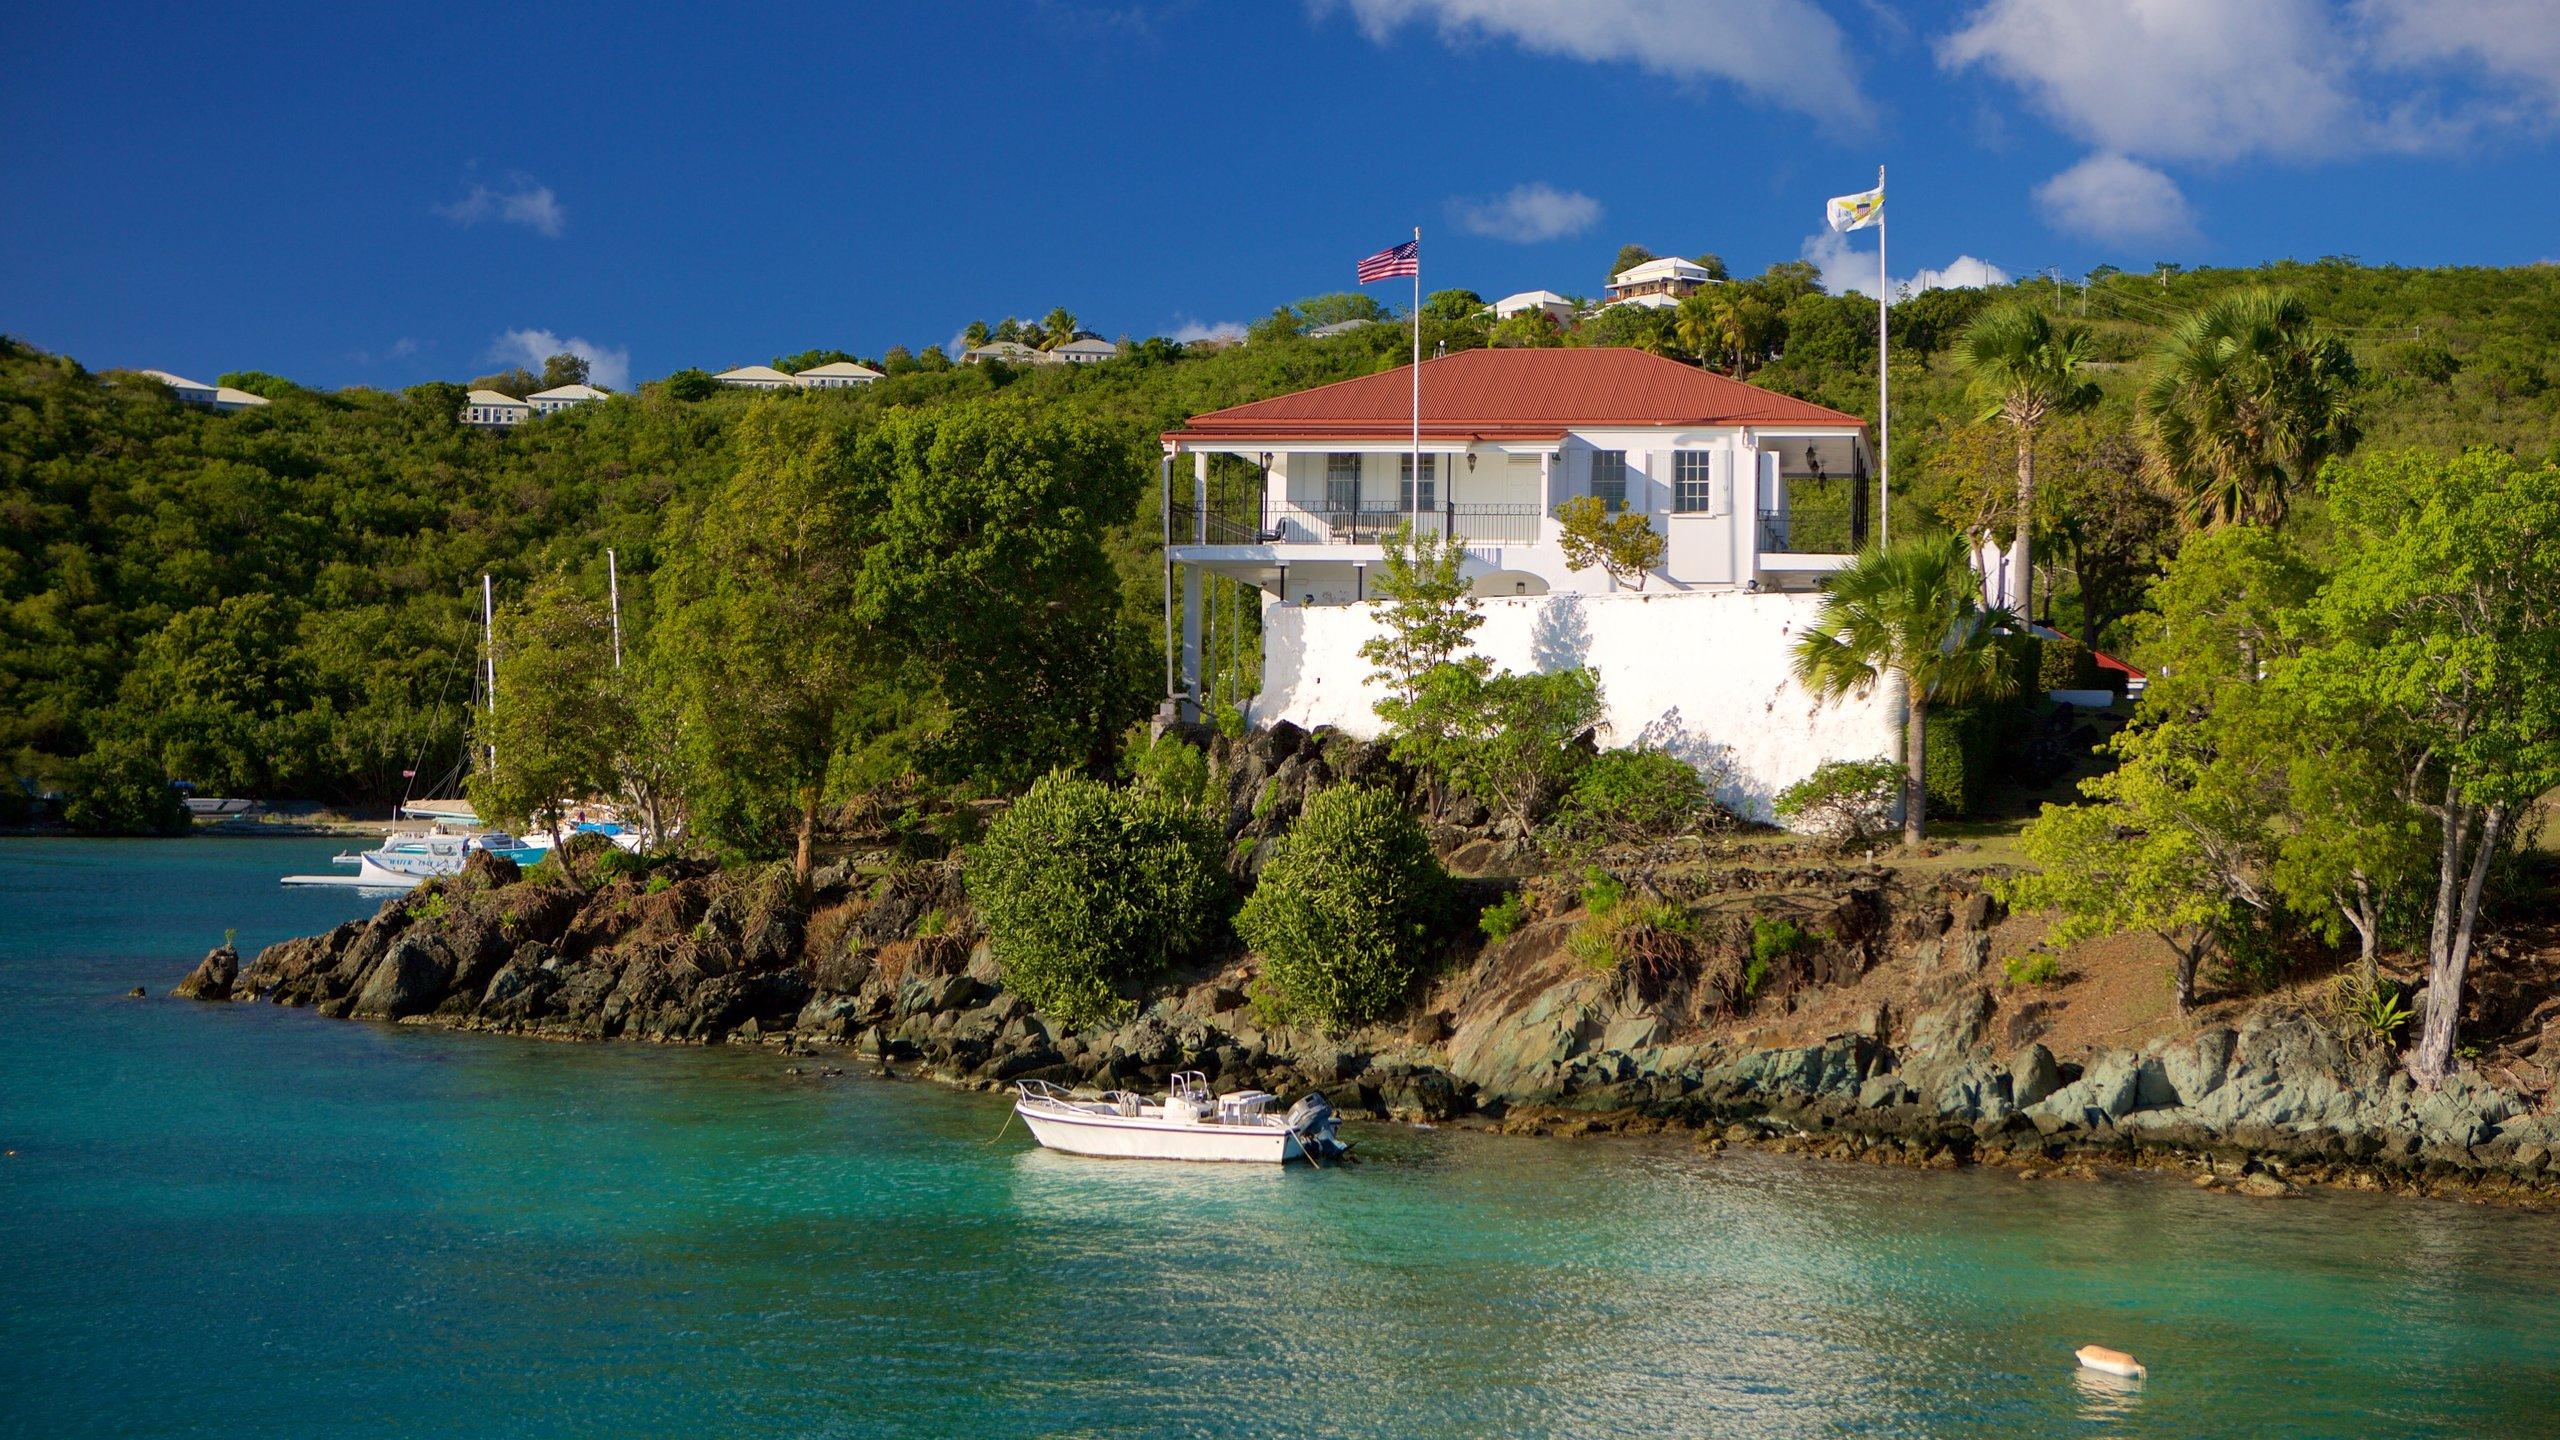 Cruz Bay, St. John, U.S. Virgin Islands